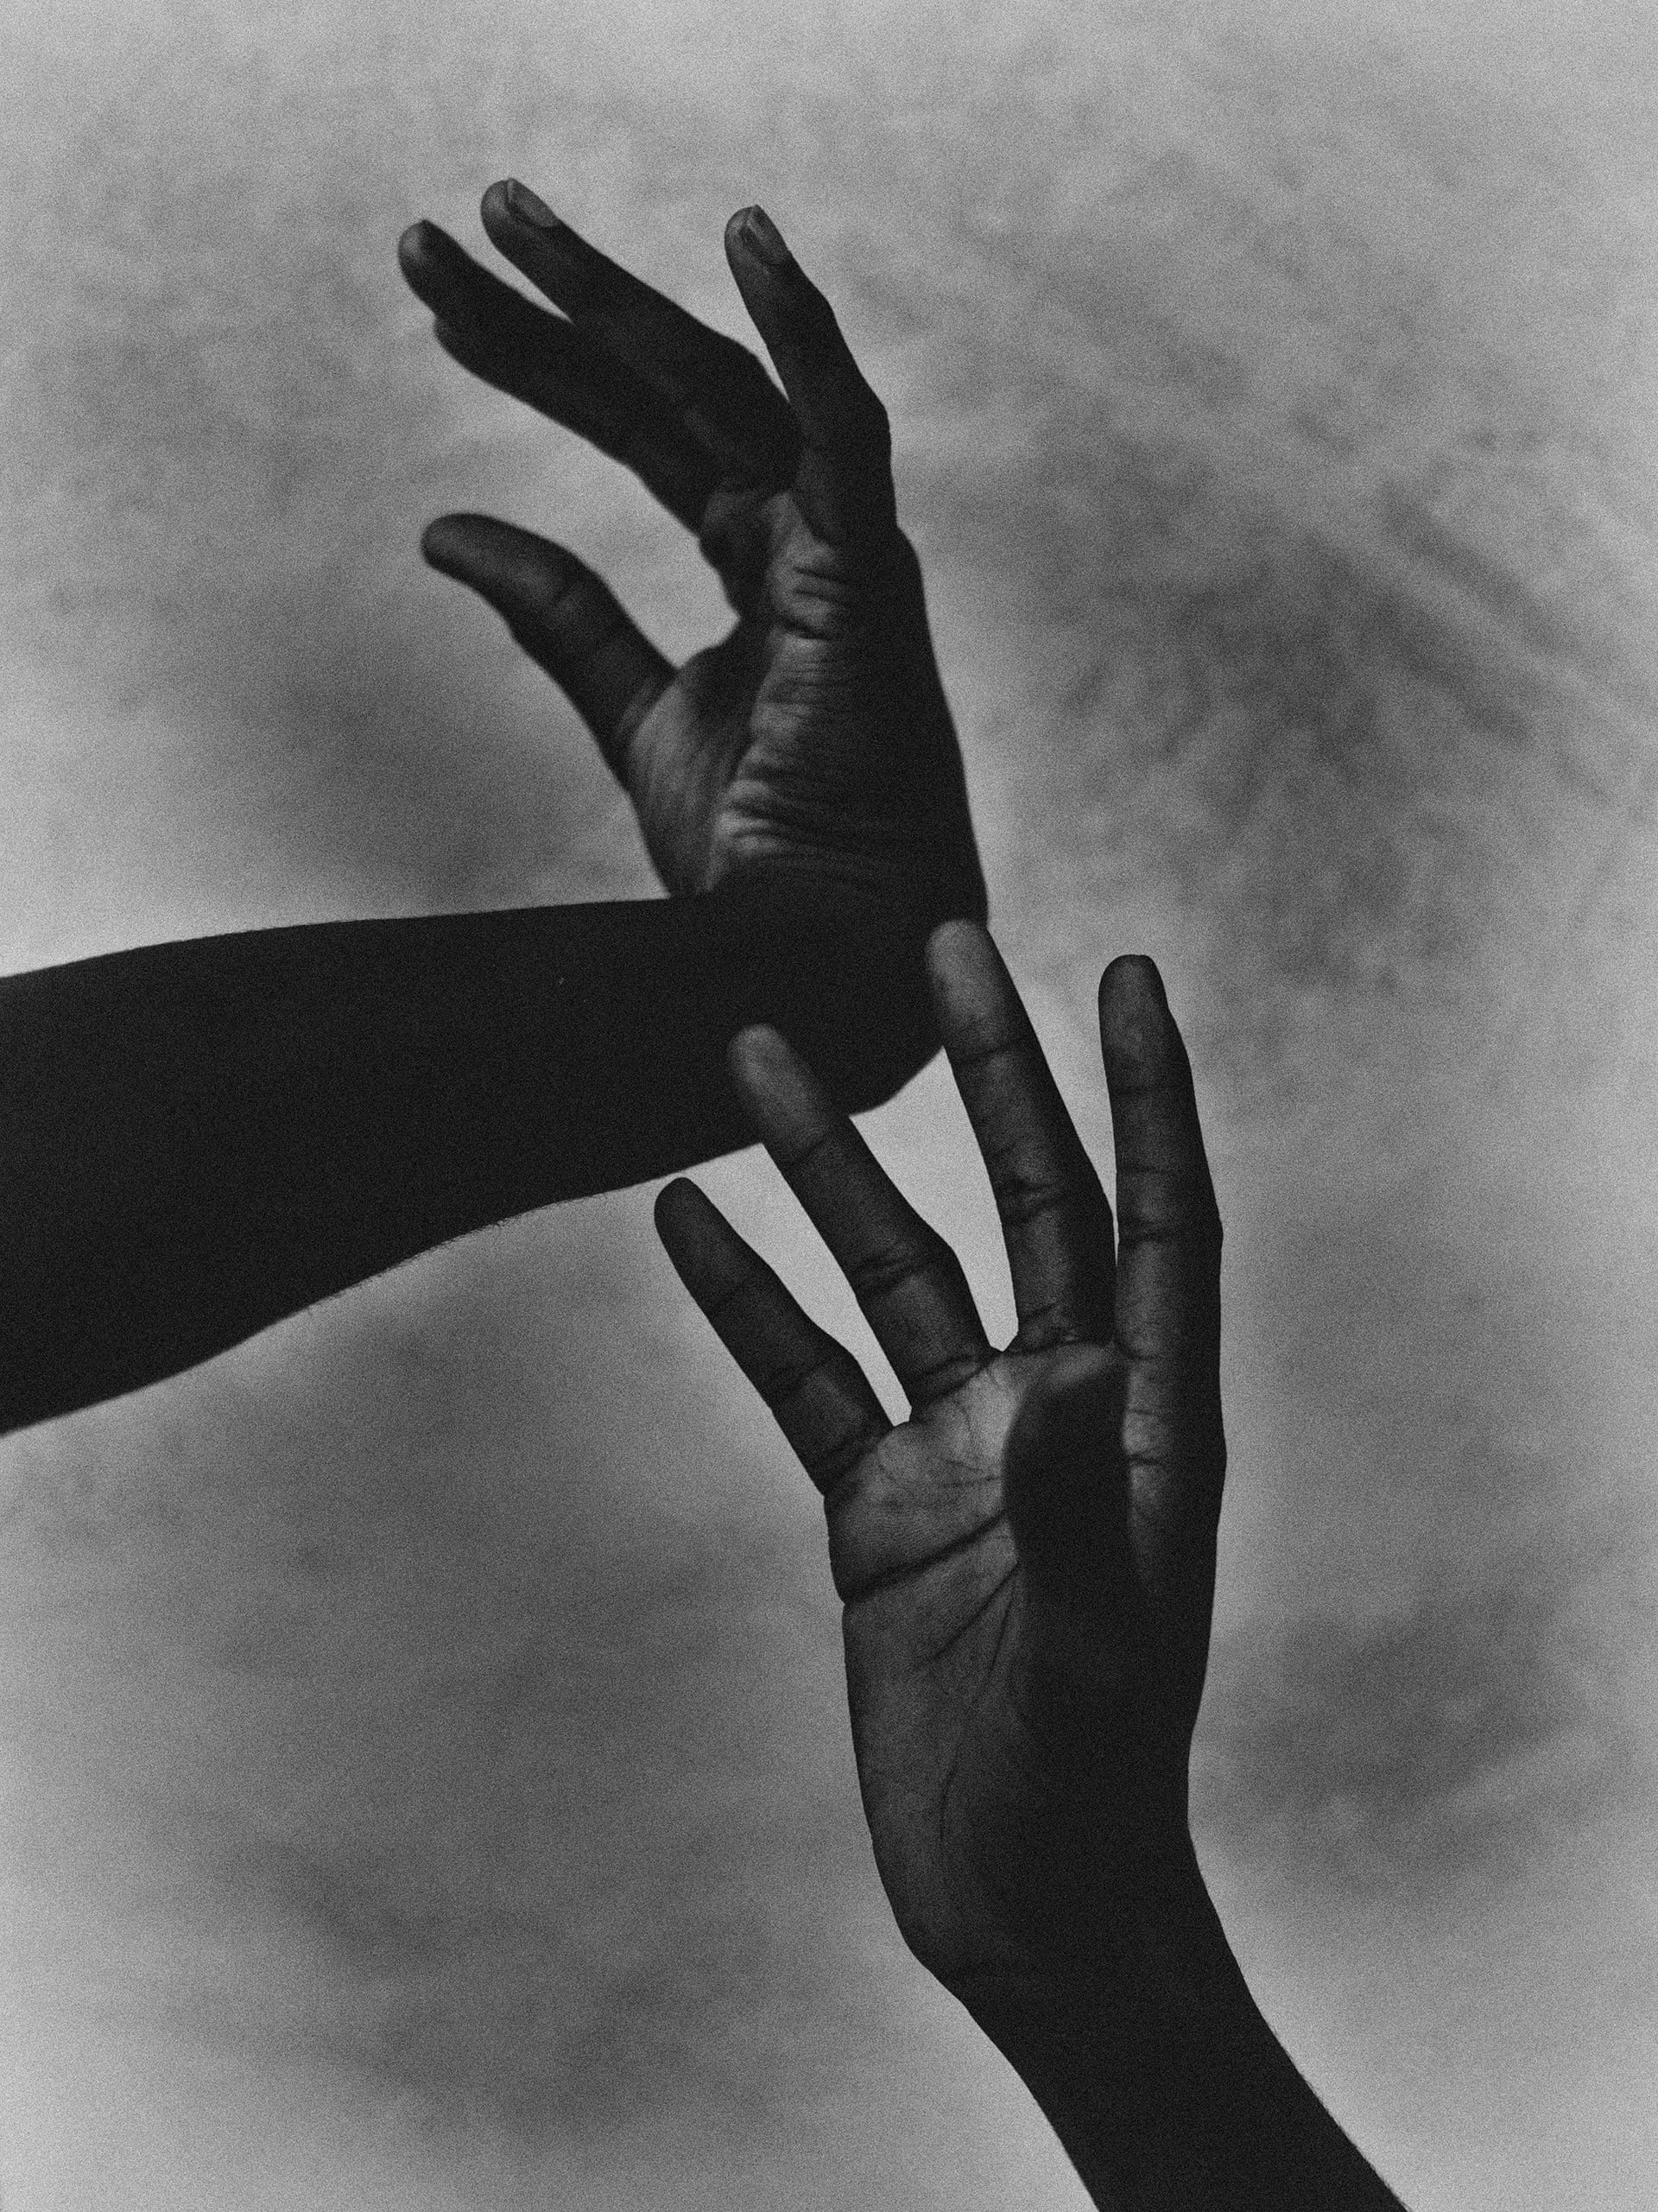 Fotografia in bianco e nero di Bastiaan Woudt, mani